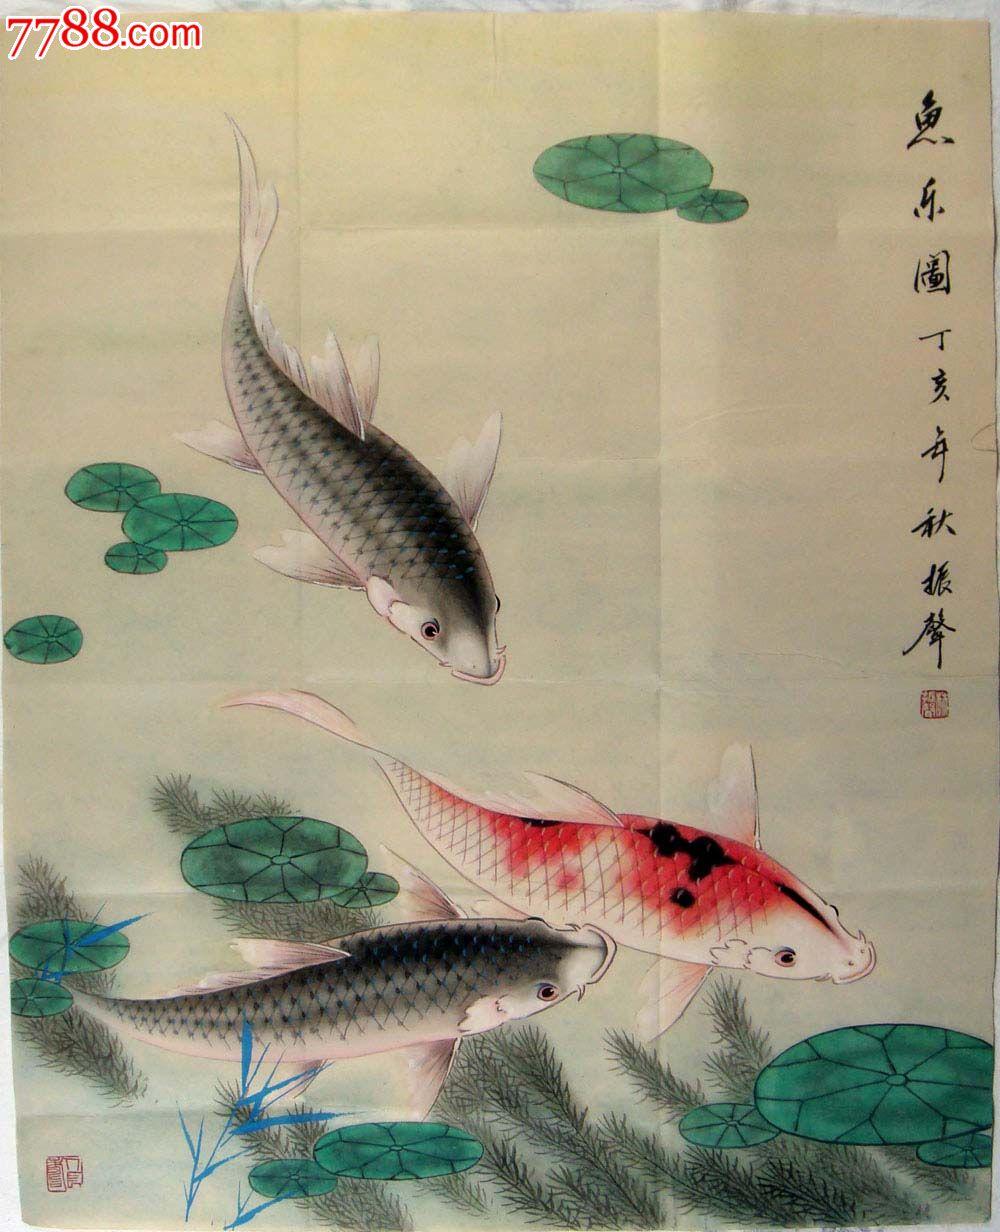 3024 品种: 花鸟国画原作-花鸟国画原作 属性: 虫鱼画原画,,工笔重彩